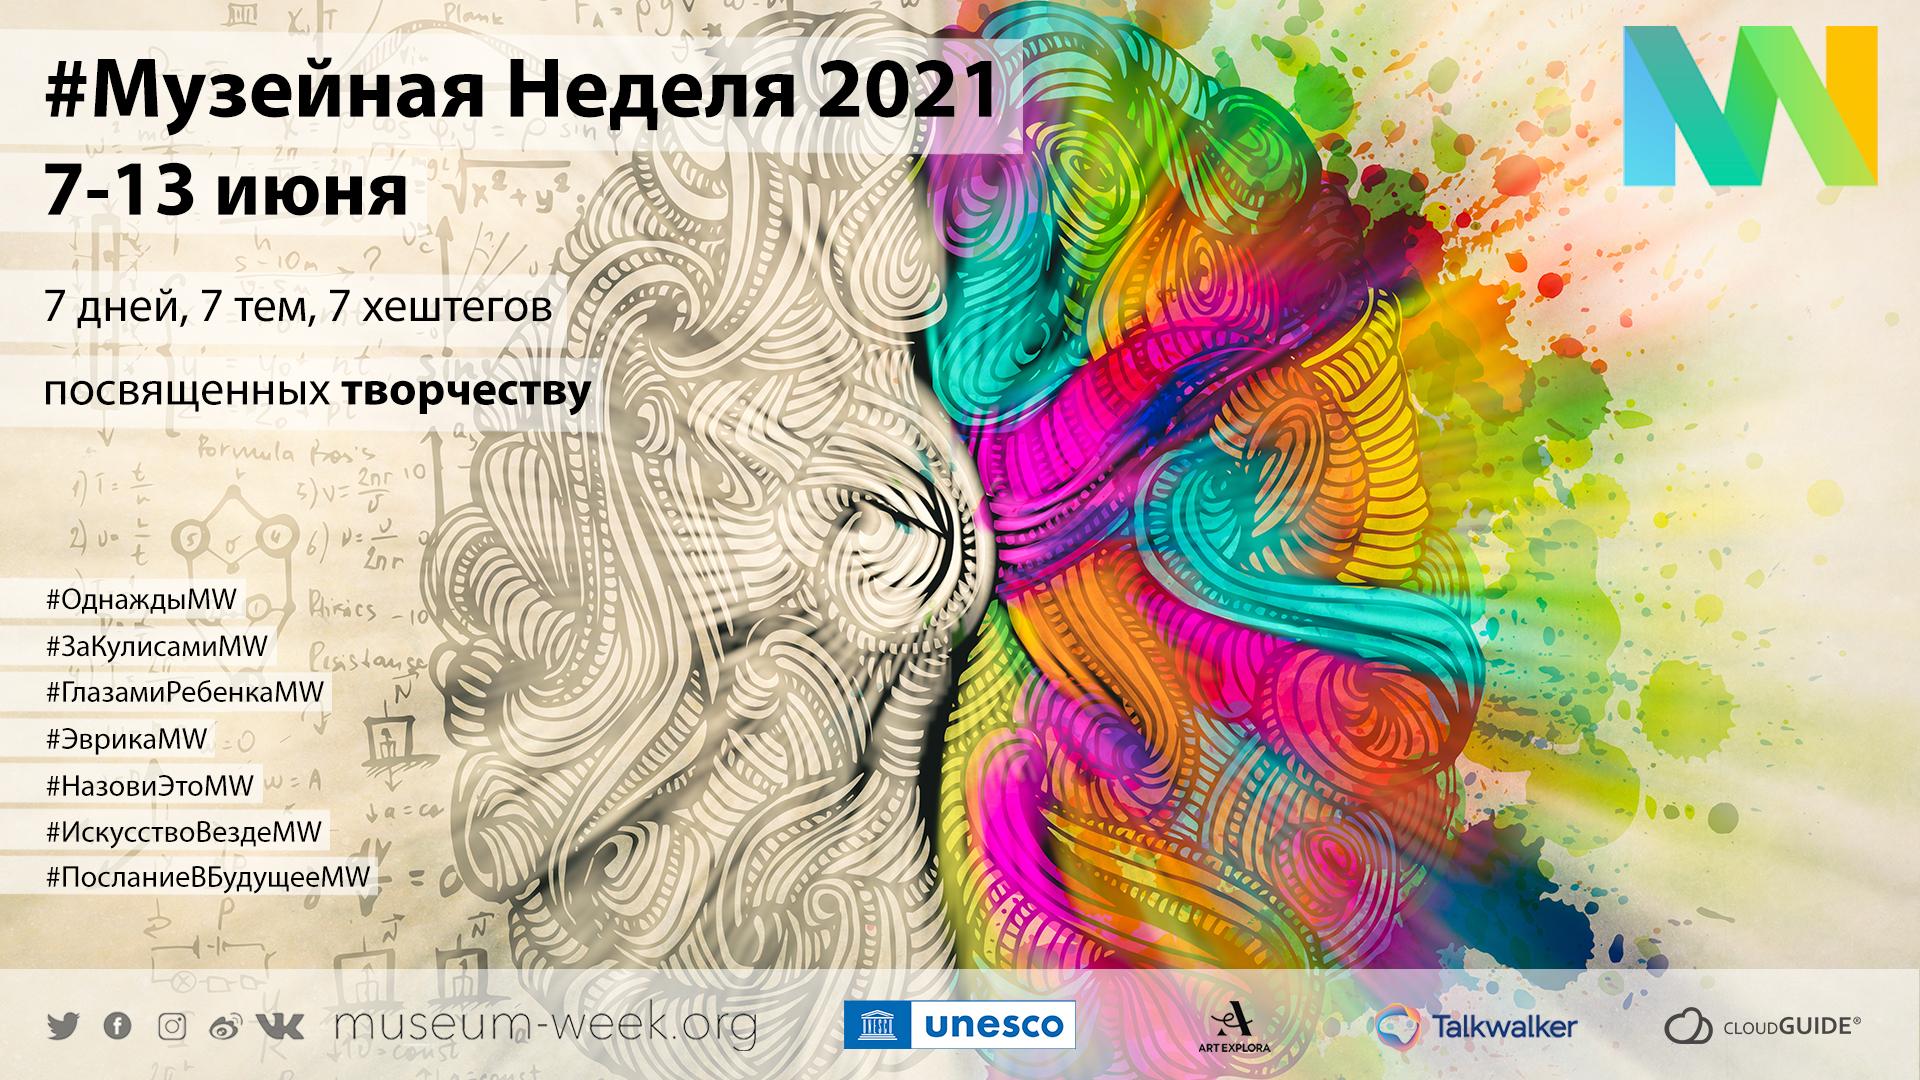 landscape-MuseumWeek-2021-RUSSIAN